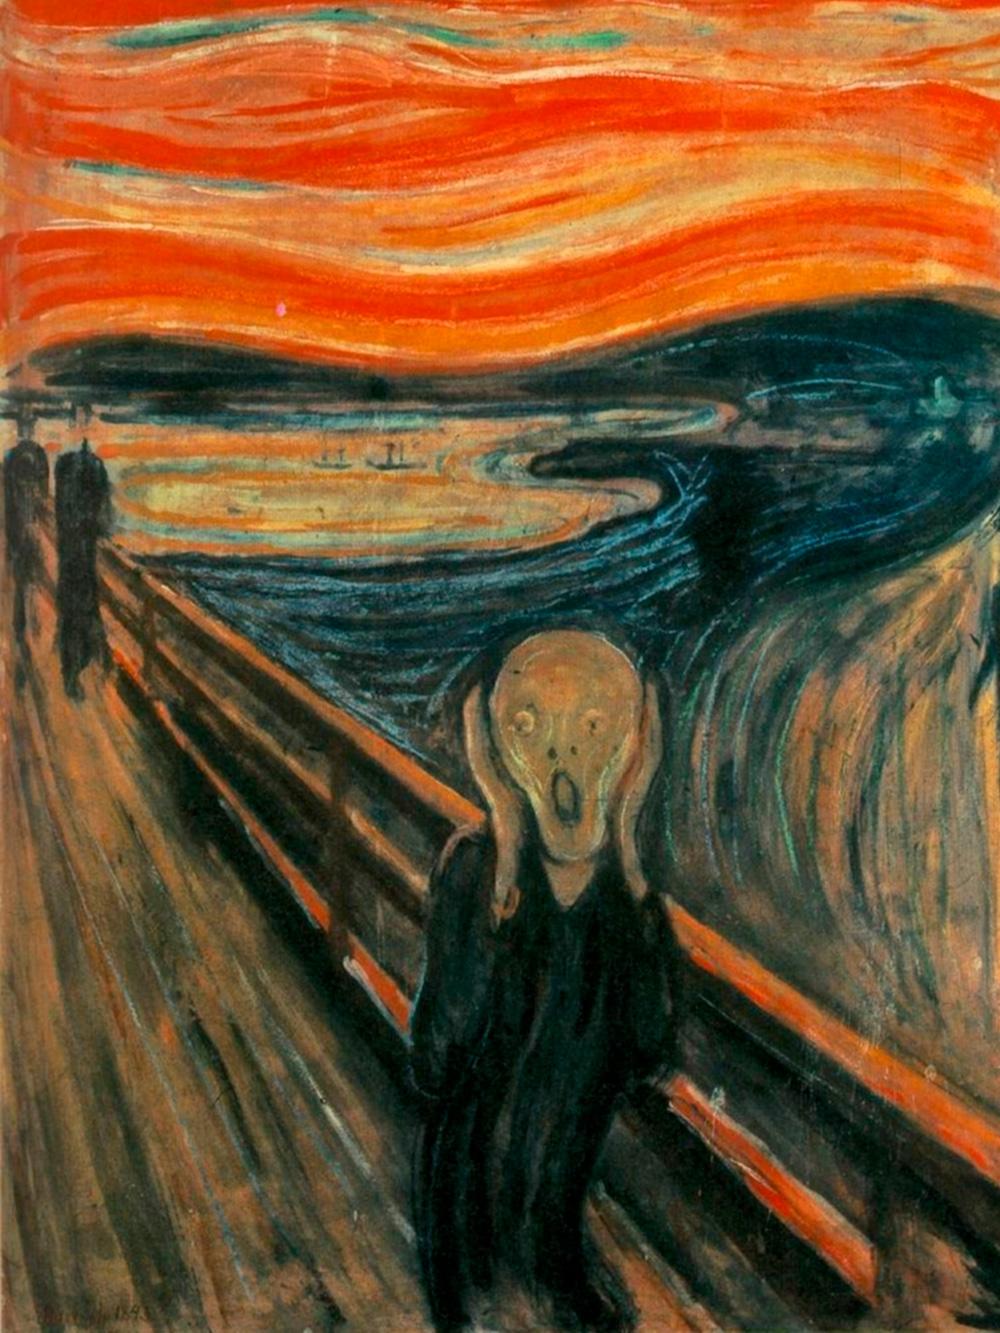 У Мунка четыре версии этой картины. Главная висит в Национальной галерее Осло, которая закрыта до января 2020 года. В Музее Мунка выставлены две другие. Источник: Национальная галерея в Осло